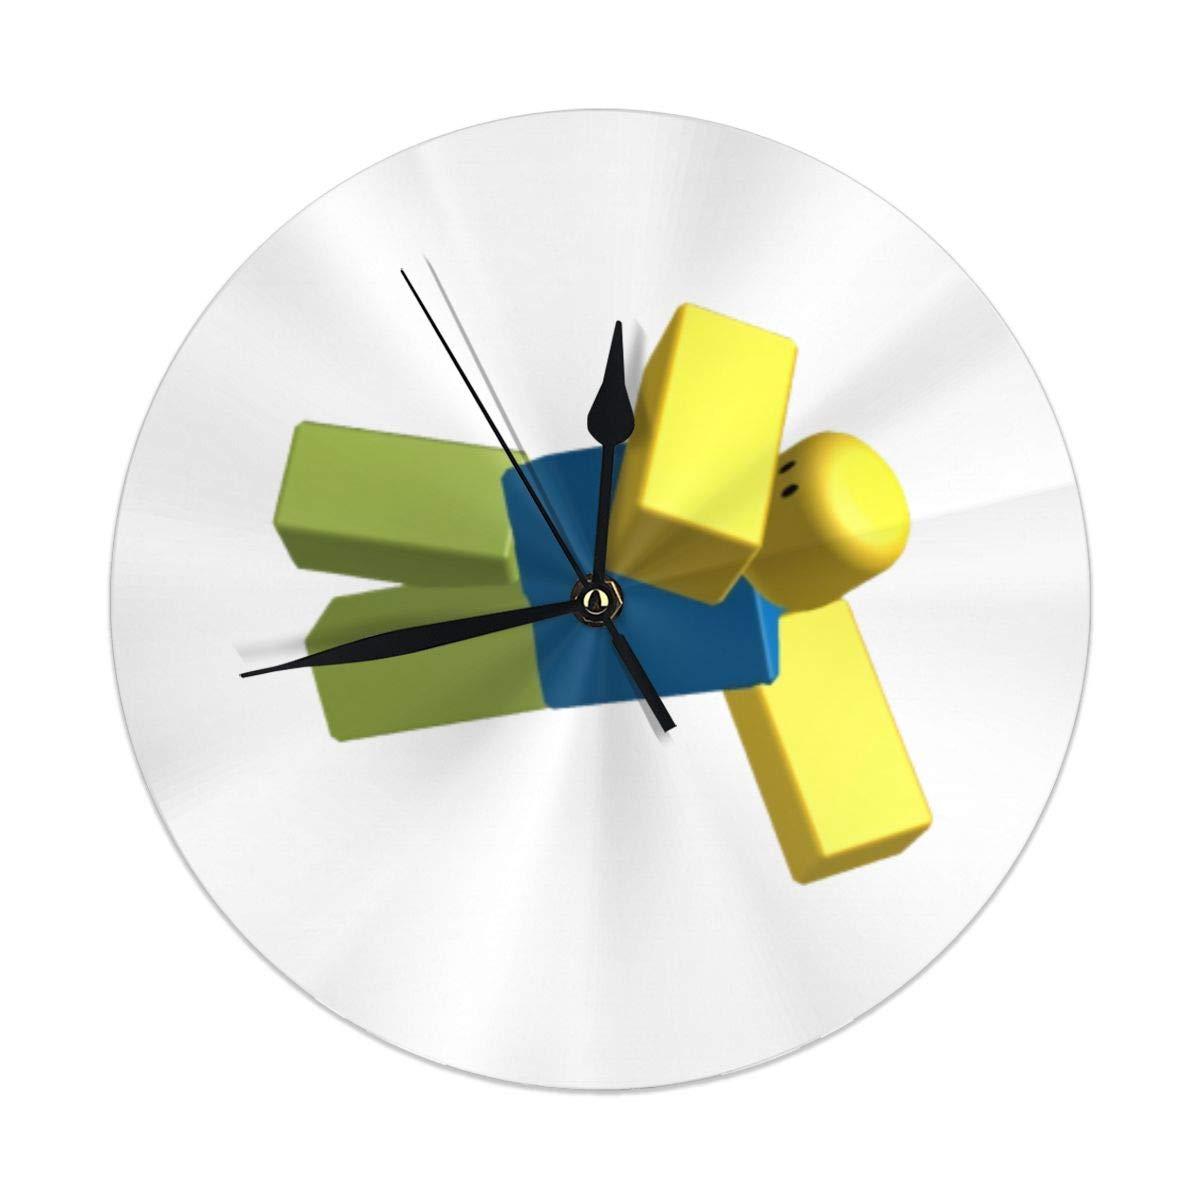 Reloj de Pared silencioso y sin Tacto, de Cuarzo, de PVC, para casa, Oficina, Escuela, Decorativo, Redondo, 9.8 Pulgadas